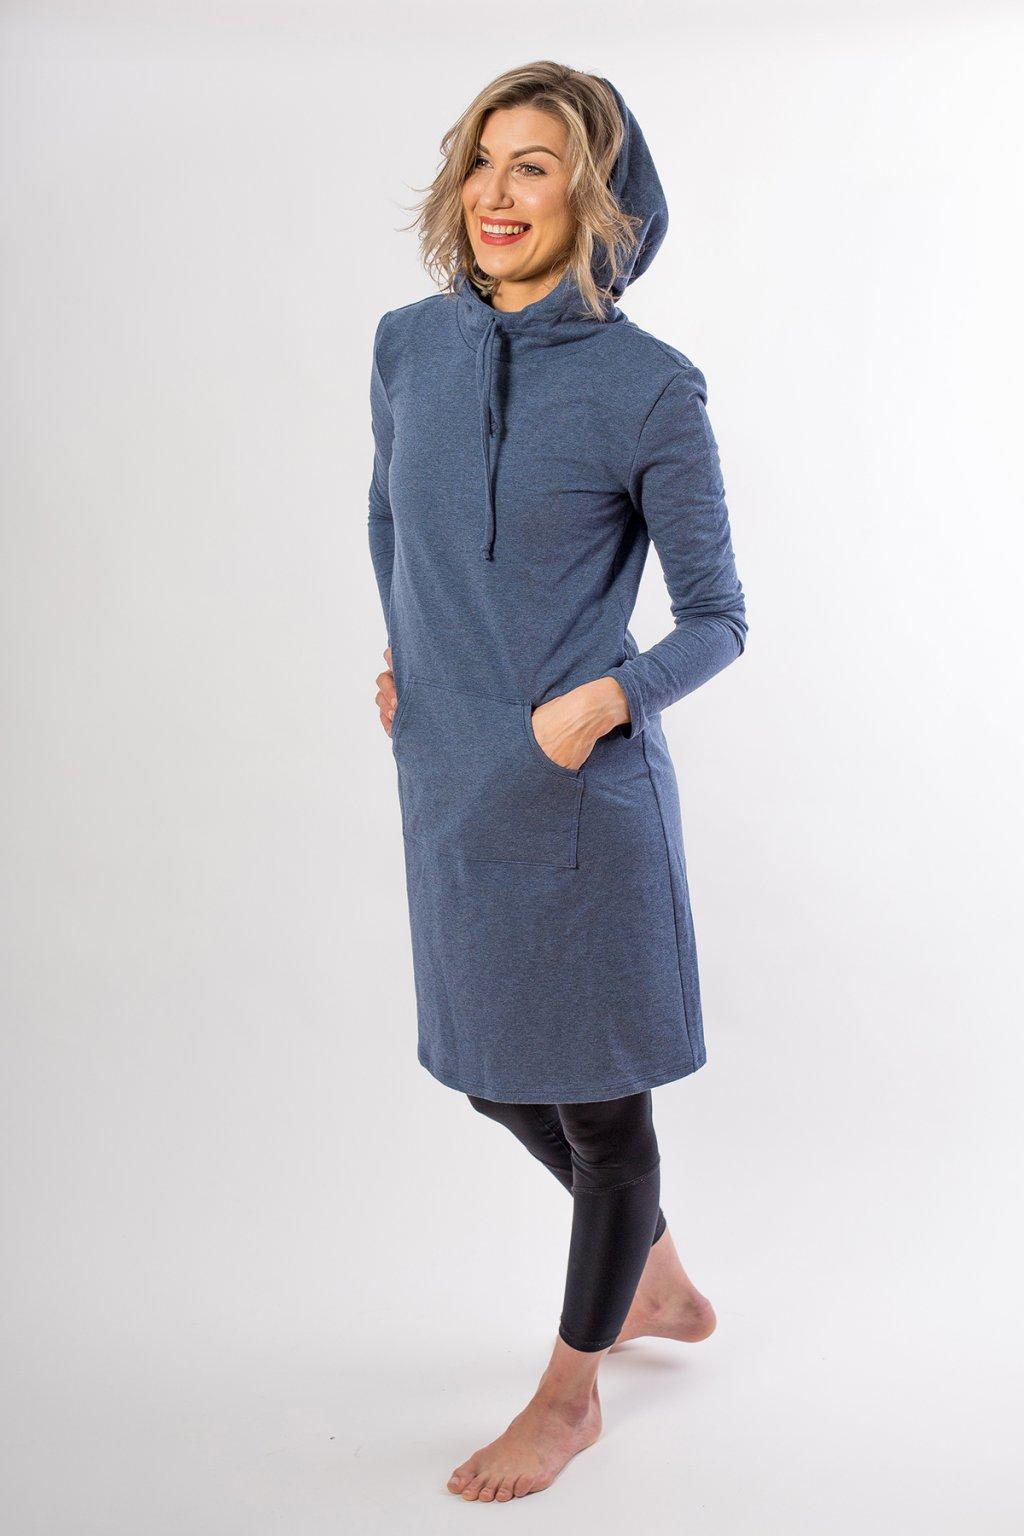 Mikinové šaty Sporty s kapucí a klokanní kapsou